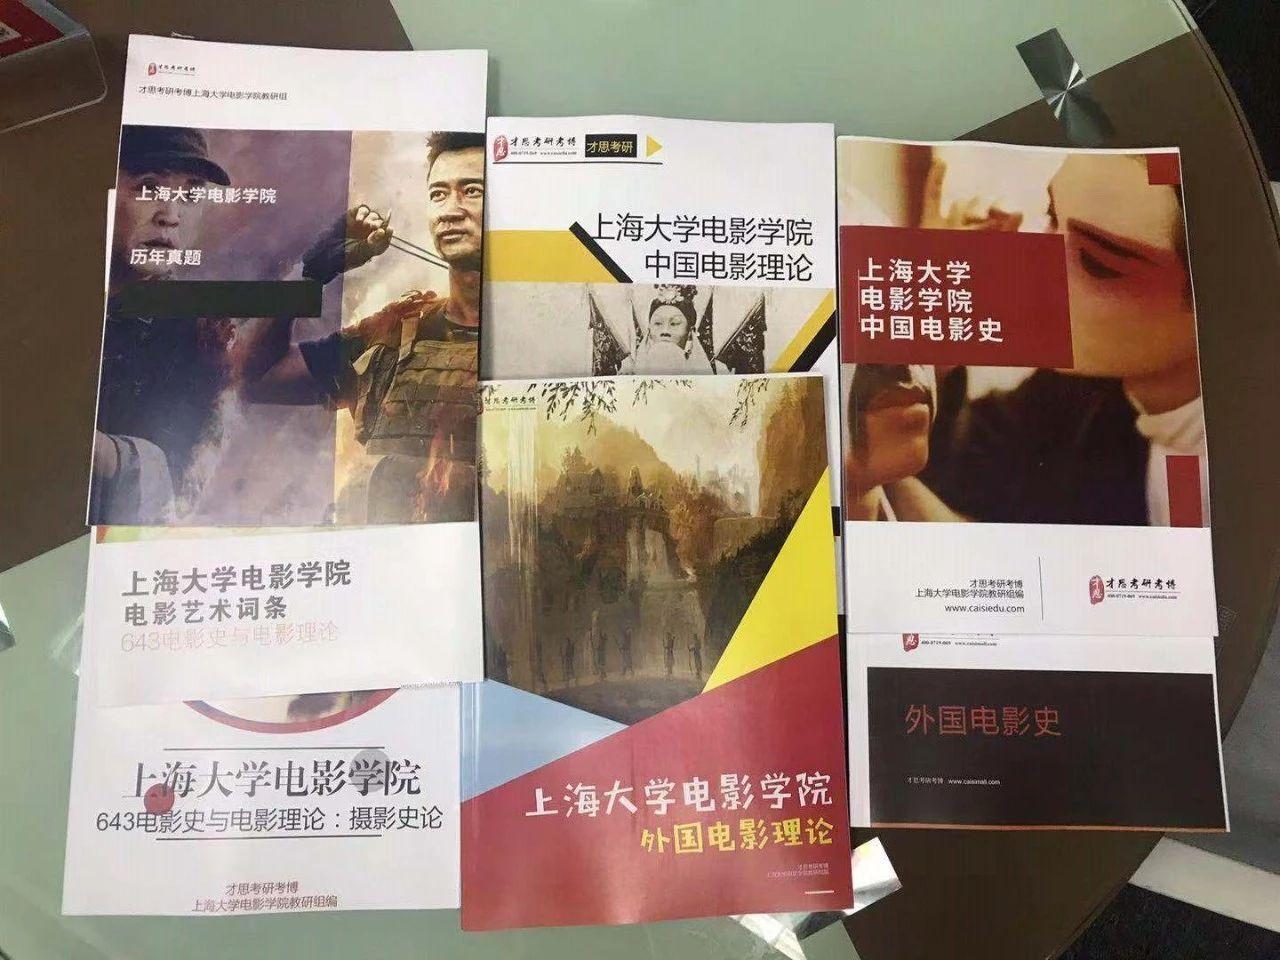 影院论+�_上海大学电影学院考研643电影史与电影理论往年真题-2